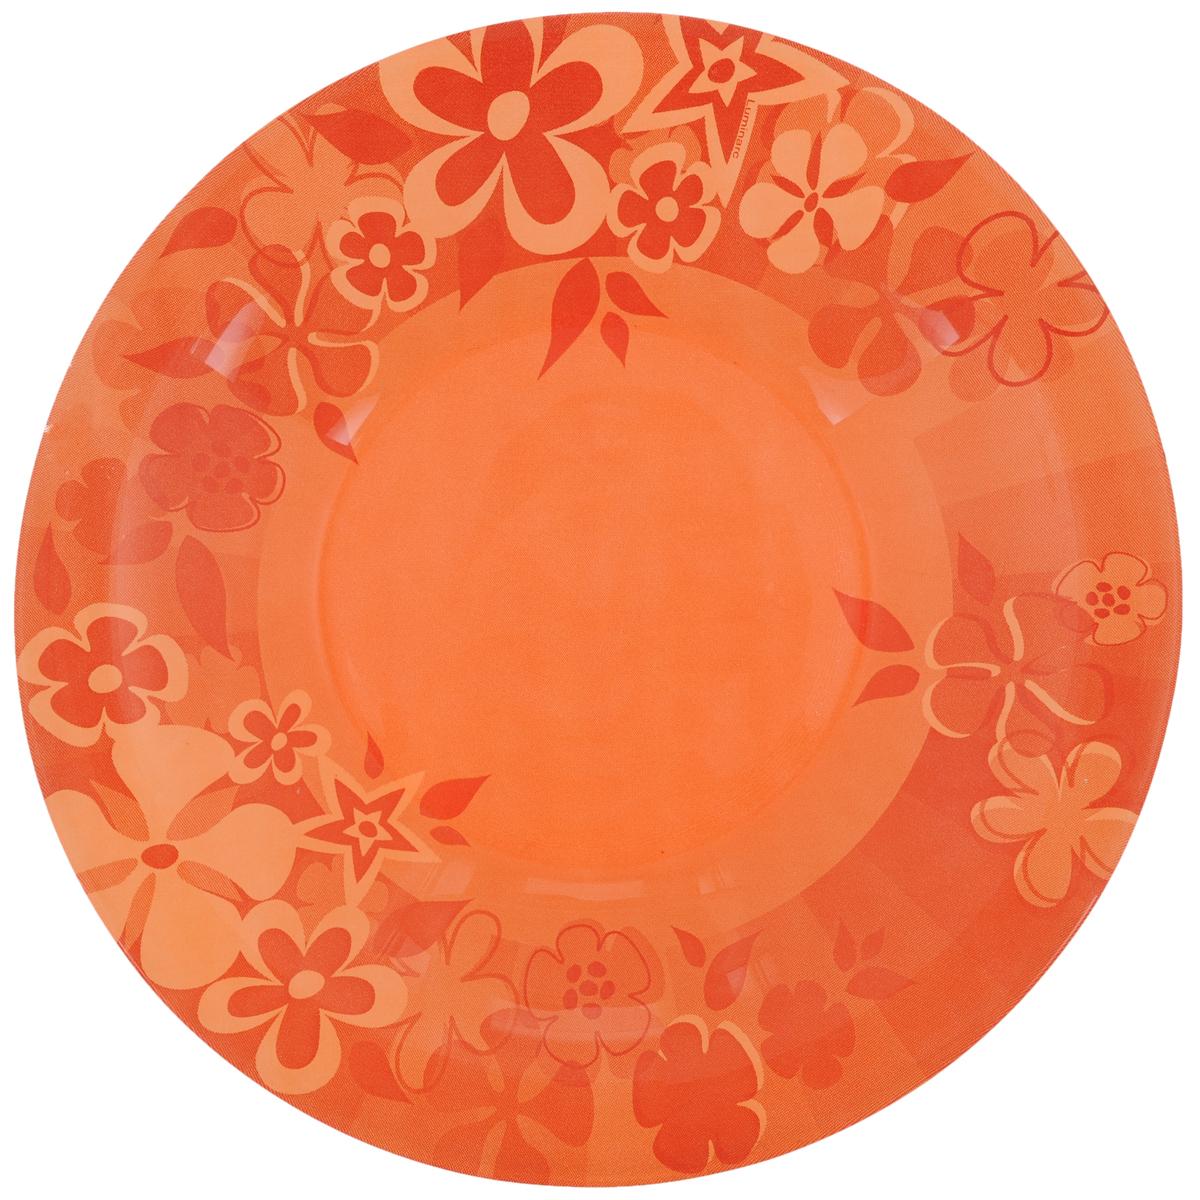 Тарелка глубокая Luminarc Little Flowers, диаметр 21,5 смH5122Глубокая тарелка Luminarc Little Flowers выполнена из ударопрочного стекла и украшена изображением цветов. Она прекрасно впишется в интерьер вашей кухни и станет достойным дополнением к кухонному инвентарю. Тарелка Luminarc Little Flowers подчеркнет прекрасный вкус хозяйки и станет отличным подарком. Можно мыть в посудомоечной машине и использовать в микроволновой печи.Диаметр тарелки по верхнему краю: 21,5 см.Высота стенки: 3,2 см.